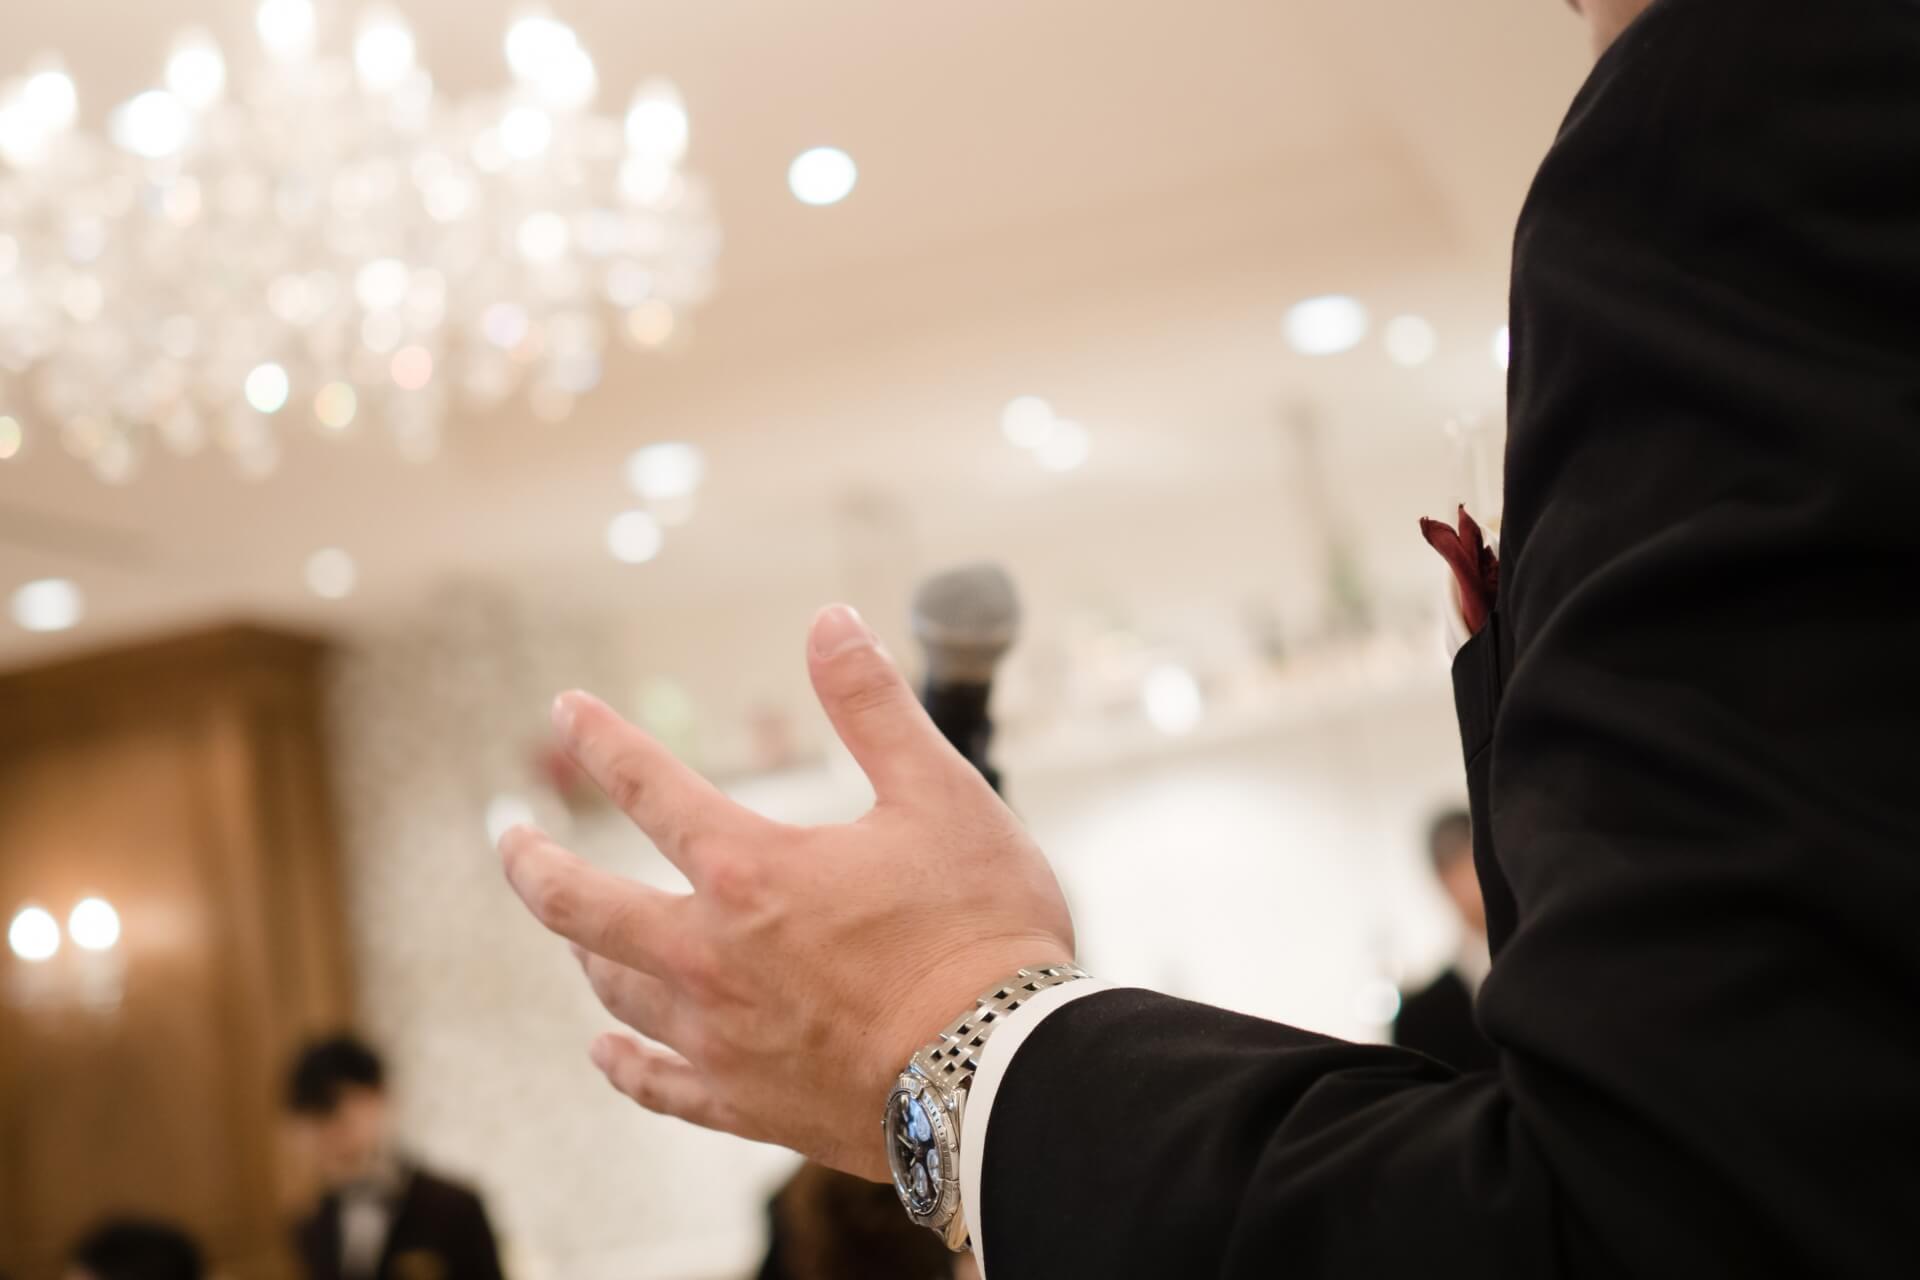 懇親会の最後をきっちり締めよう!閉会の挨拶に必ず入れるべきフレーズ